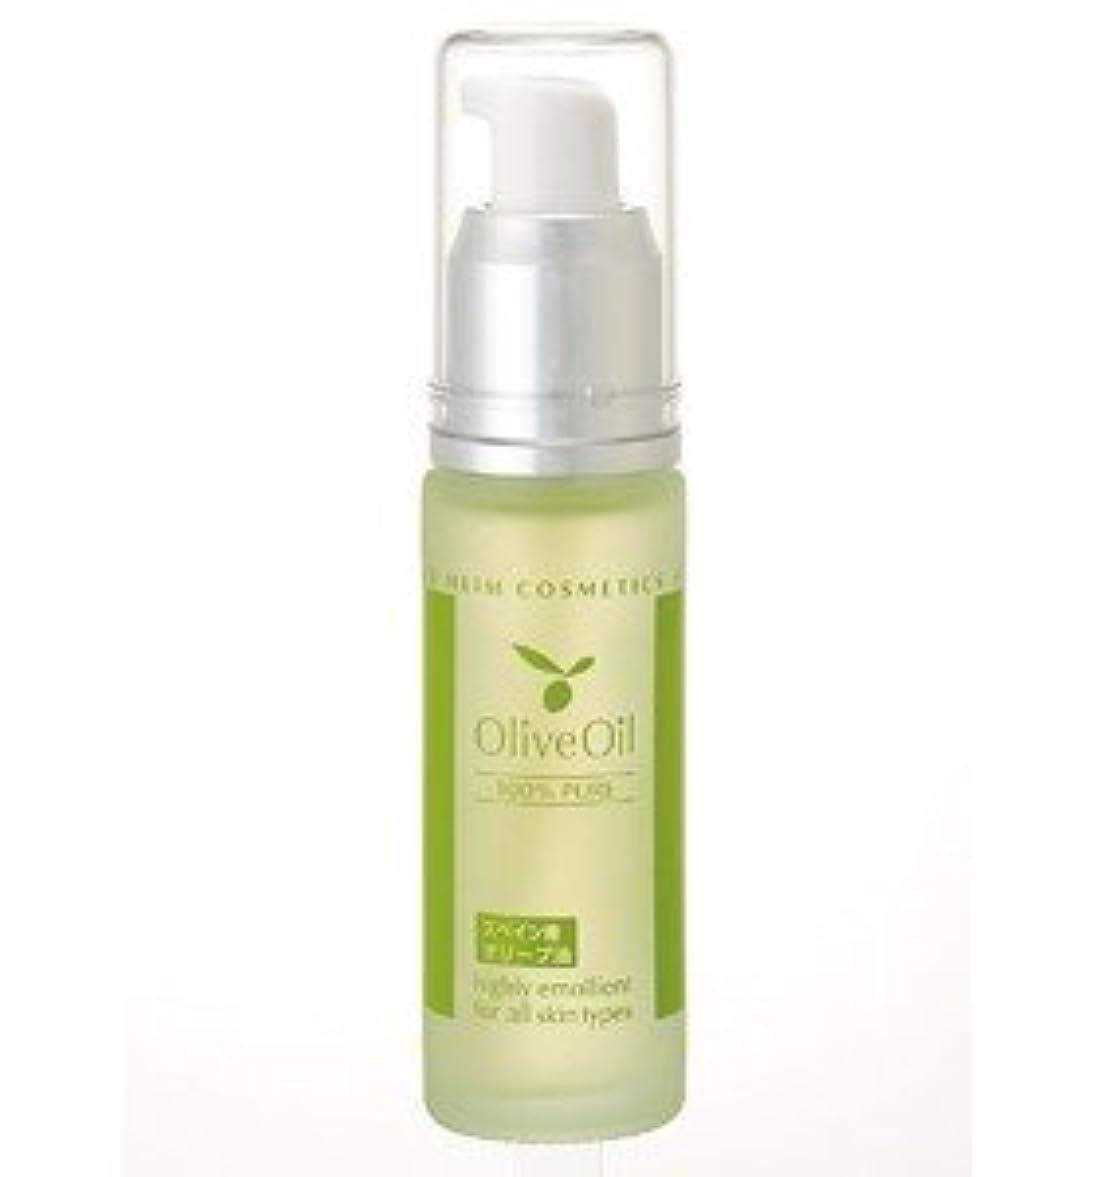 ハイム化粧品/オリーブバージンオイル(化粧用油)【乾燥や肌荒れにオーガニックオイル】